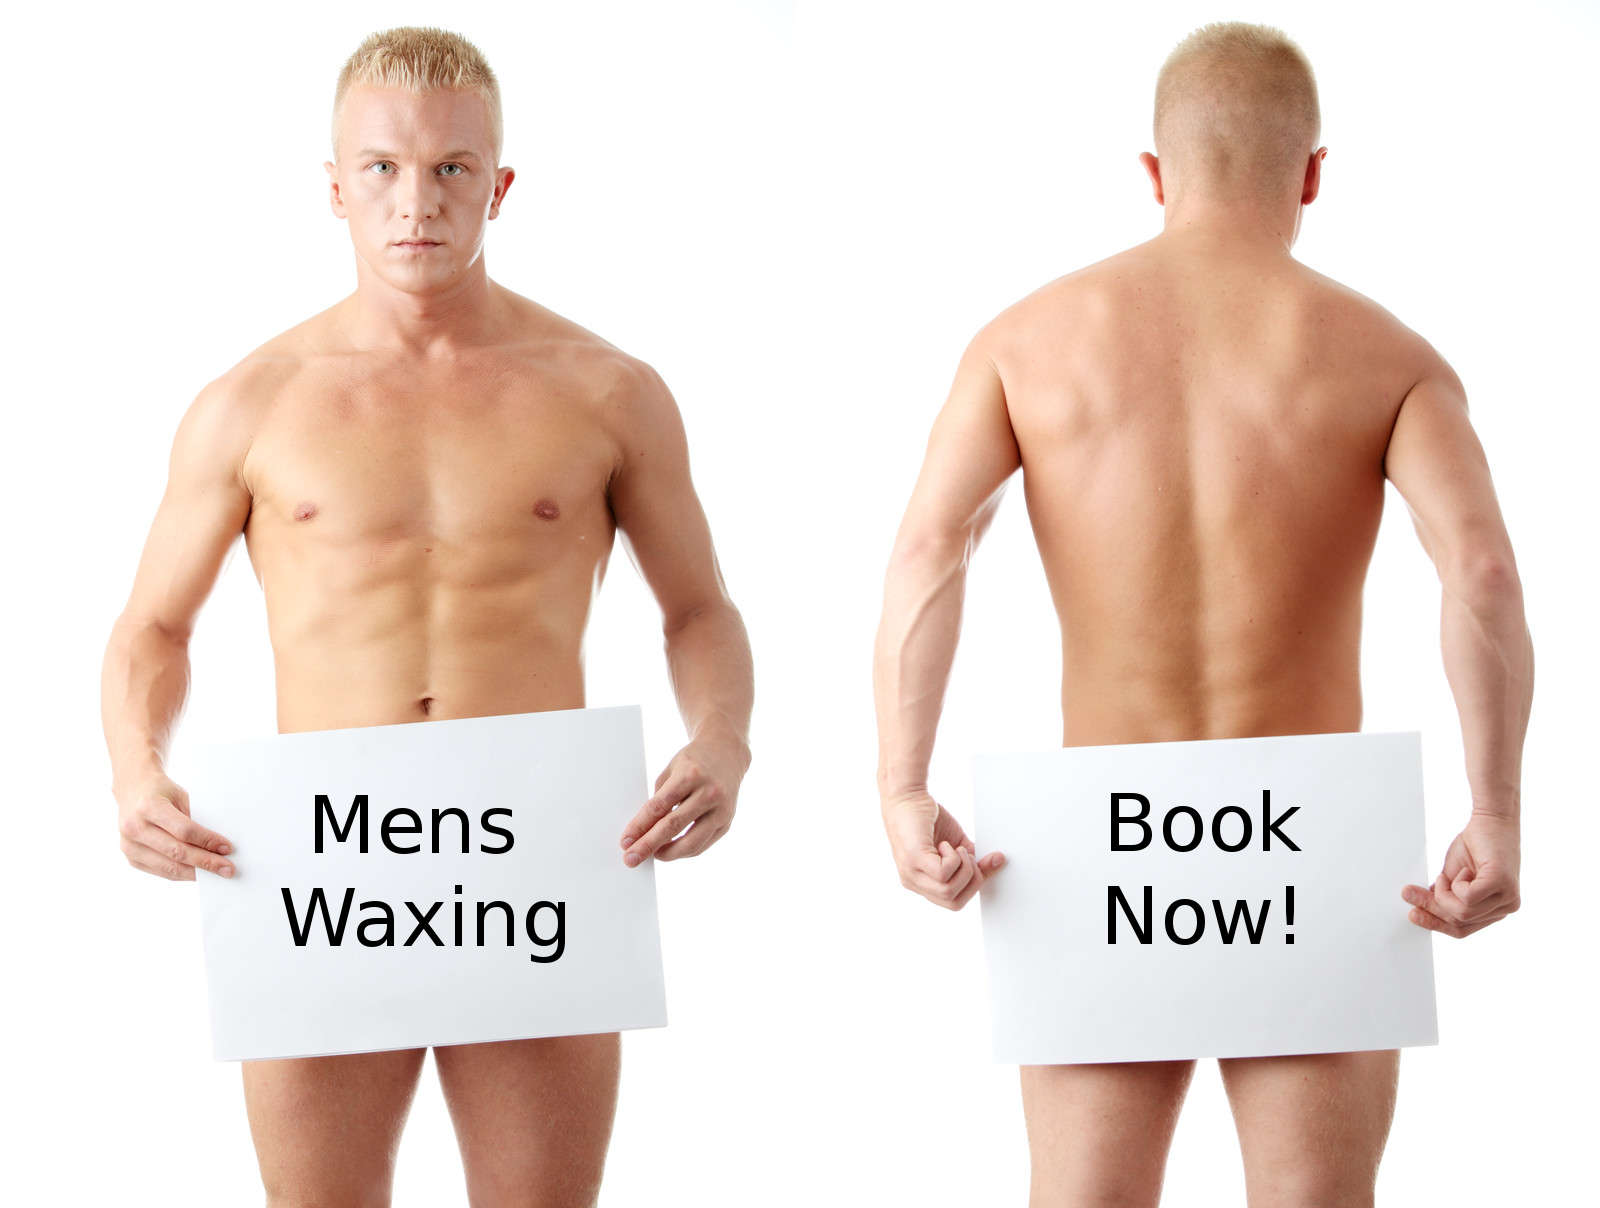 Mens Waxing - Full Leg